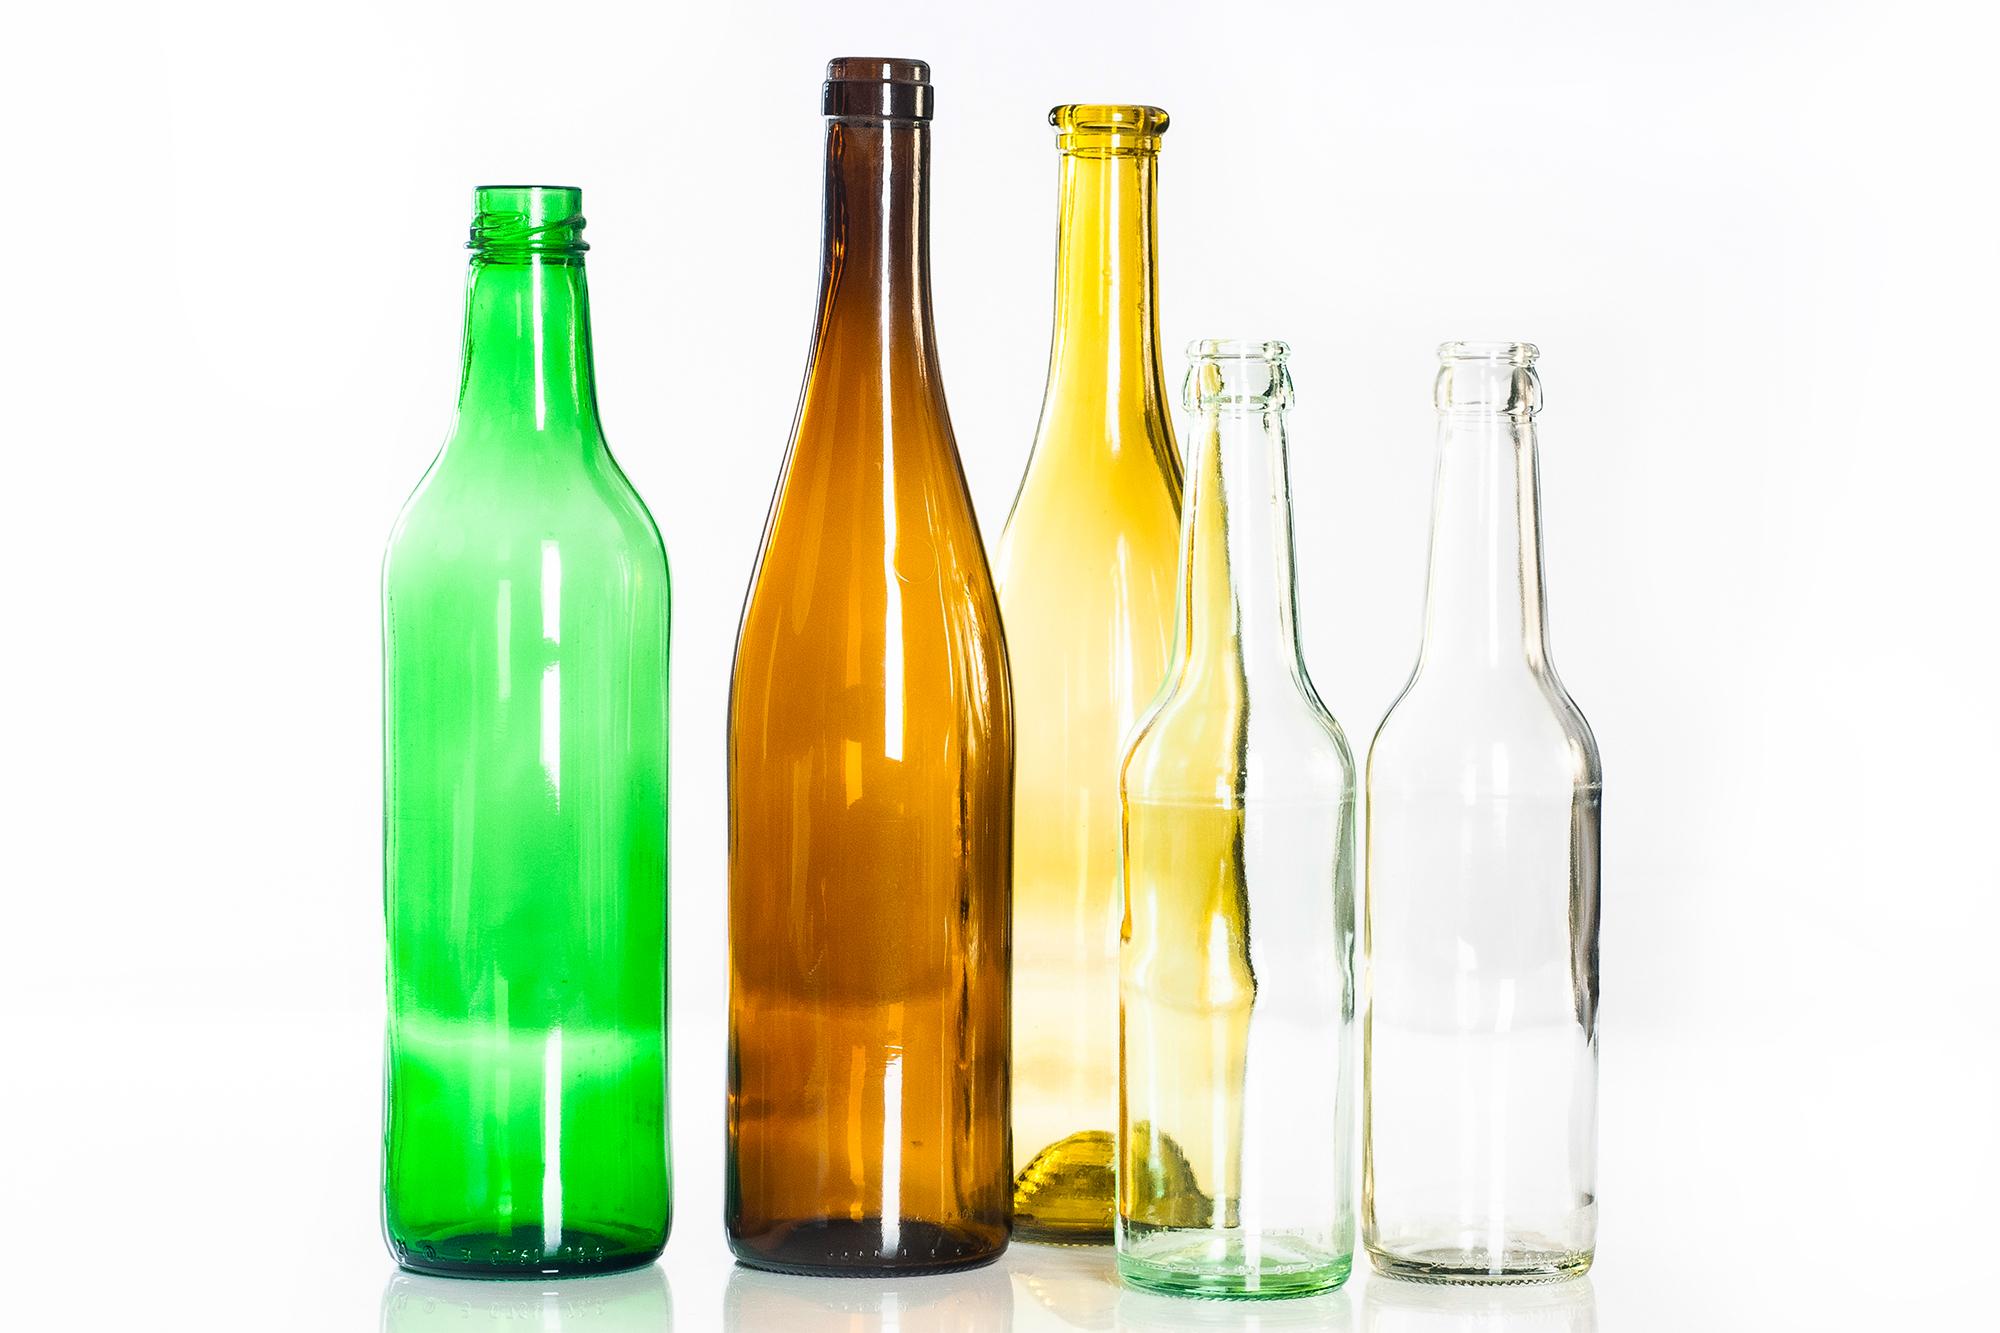 Verfügbare Flaschen